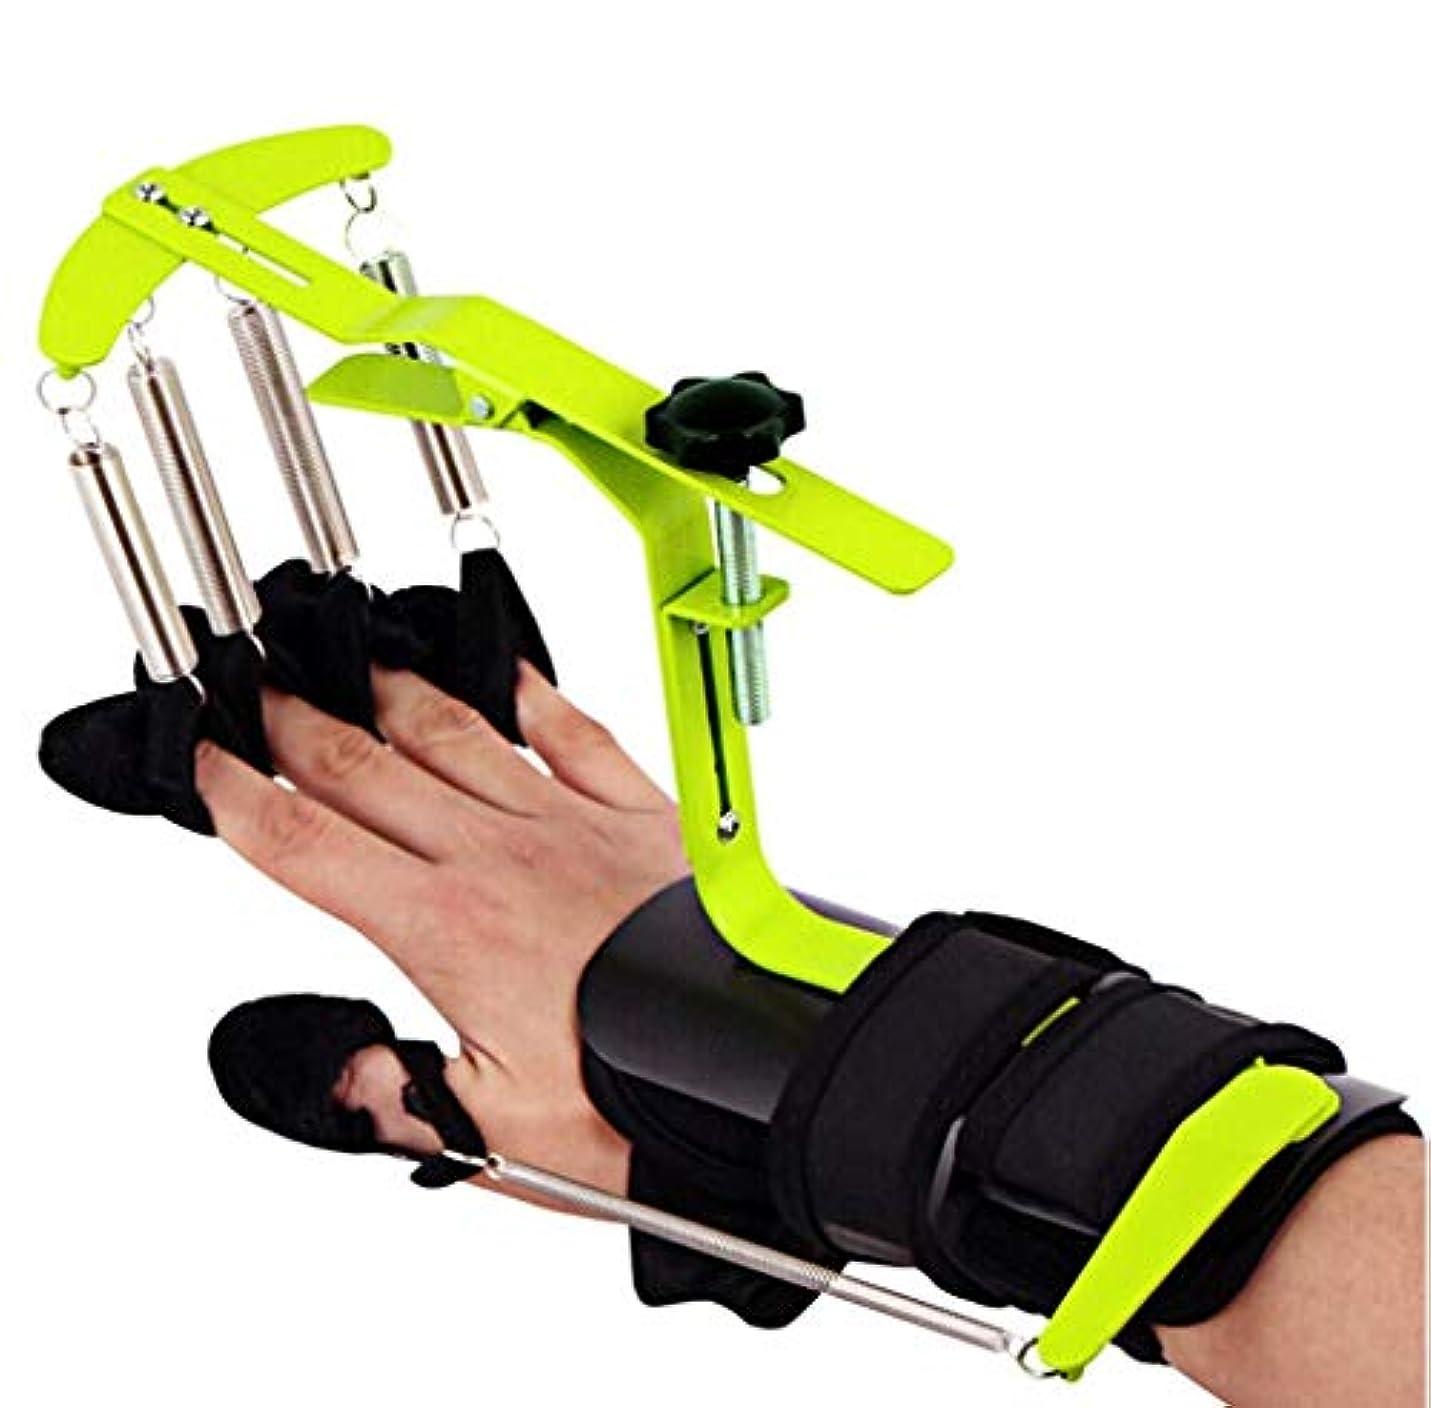 不正直電信無効にする指エクササイザー トレーニング機器ブレースボード 別々の親指 手首サポートハンド機能 片麻痺の脳性麻痺麻痺リハビリテーション